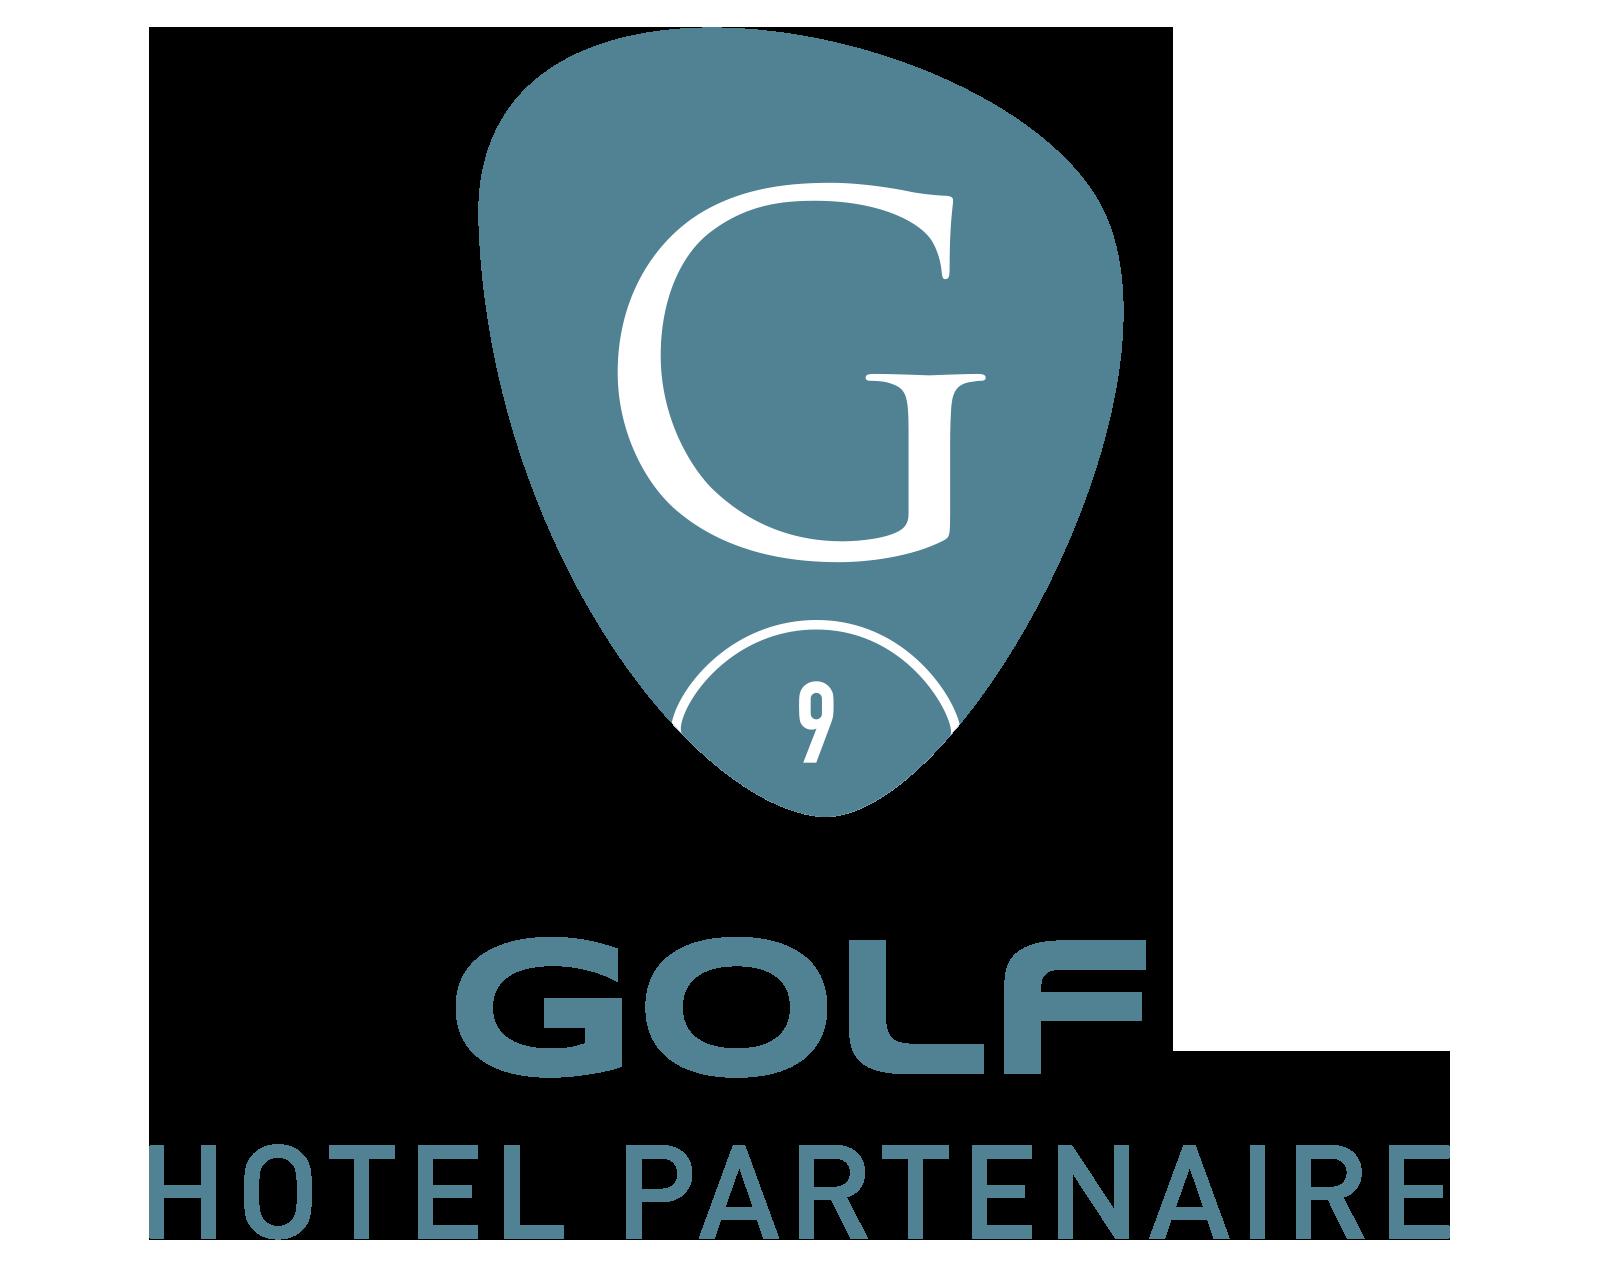 Golfy GolfHotelPartenaire_9